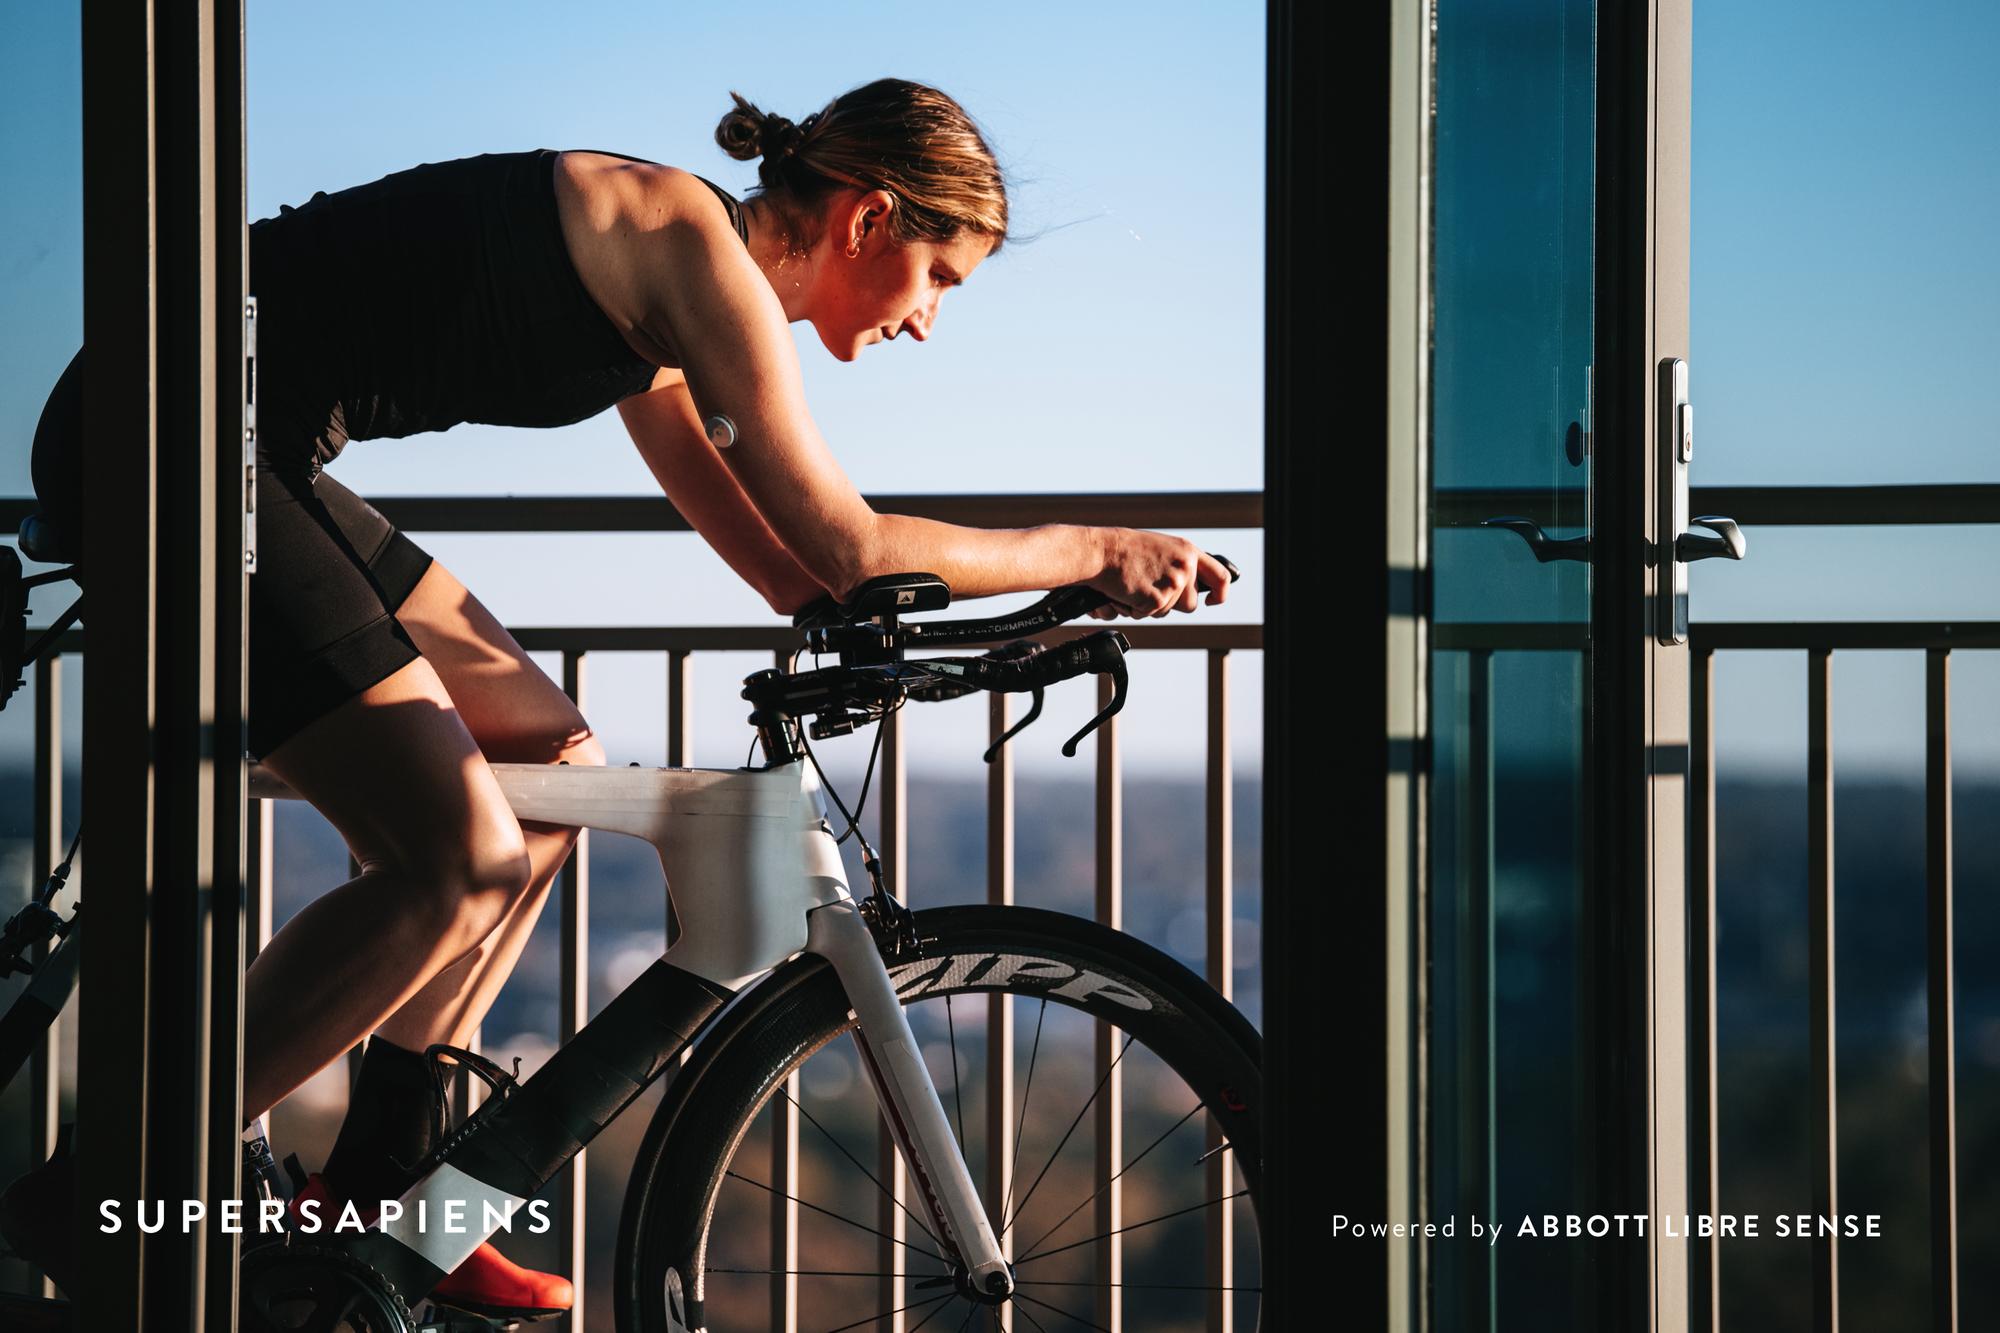 SUPERSAPIENS startet Partnerschaft mit der Cyclists' Alliance